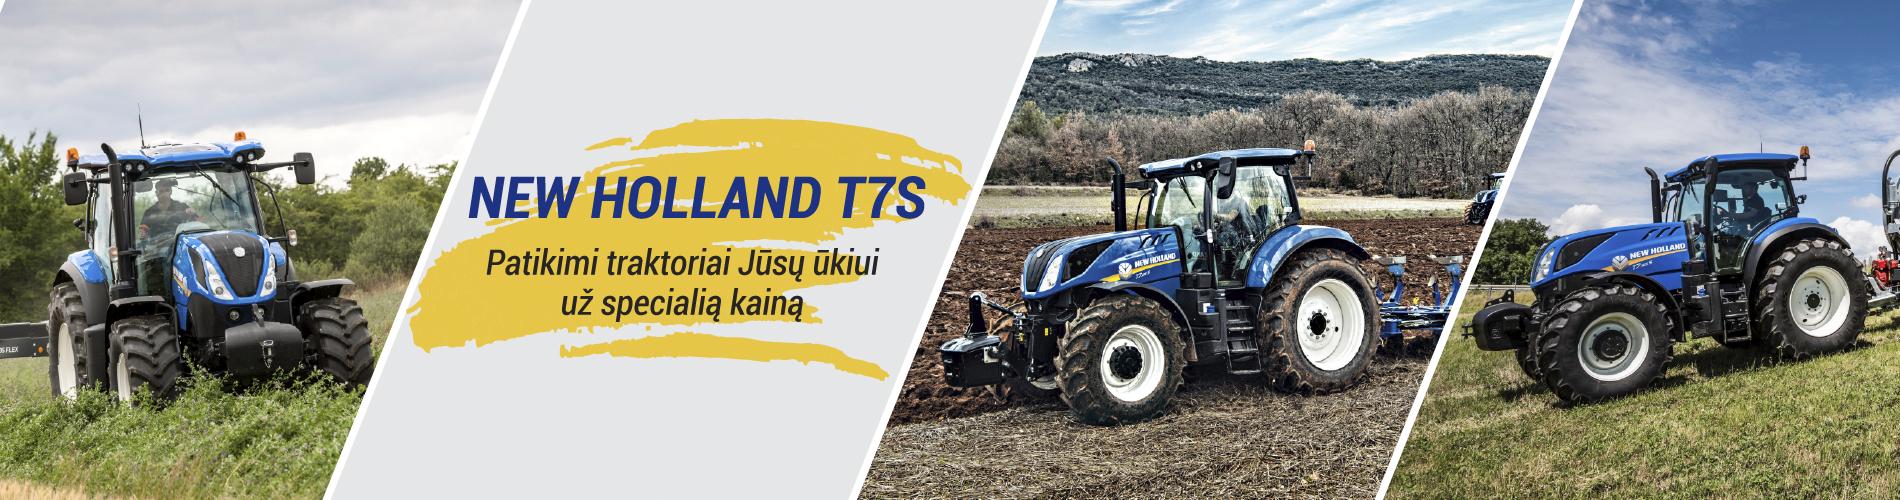 NEW HOLLAND T7S – patikimas traktorius Jūsų ūkiui už specialią kainą